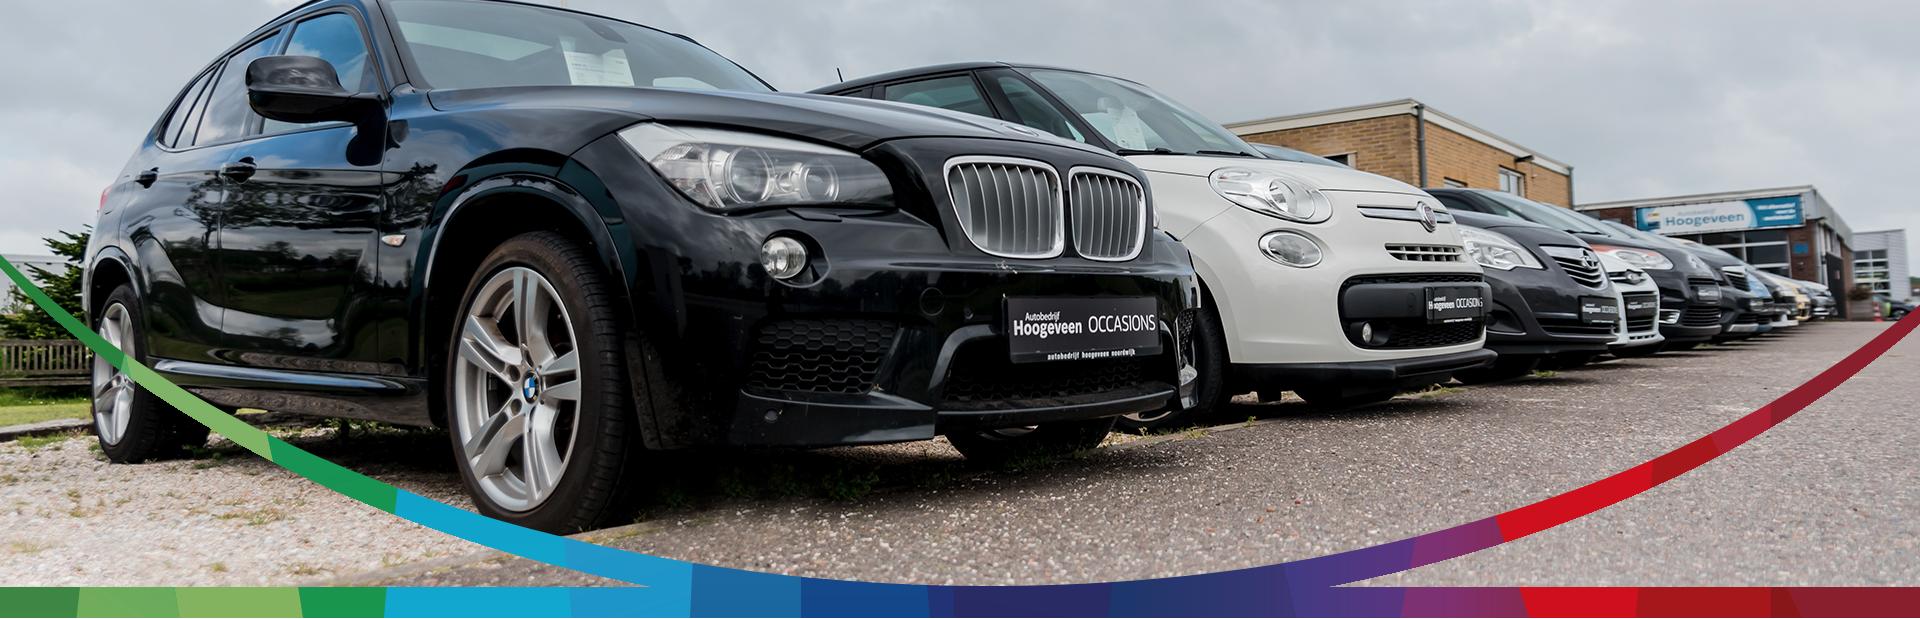 Lease & Financiering autobedrijf Hoogeveen